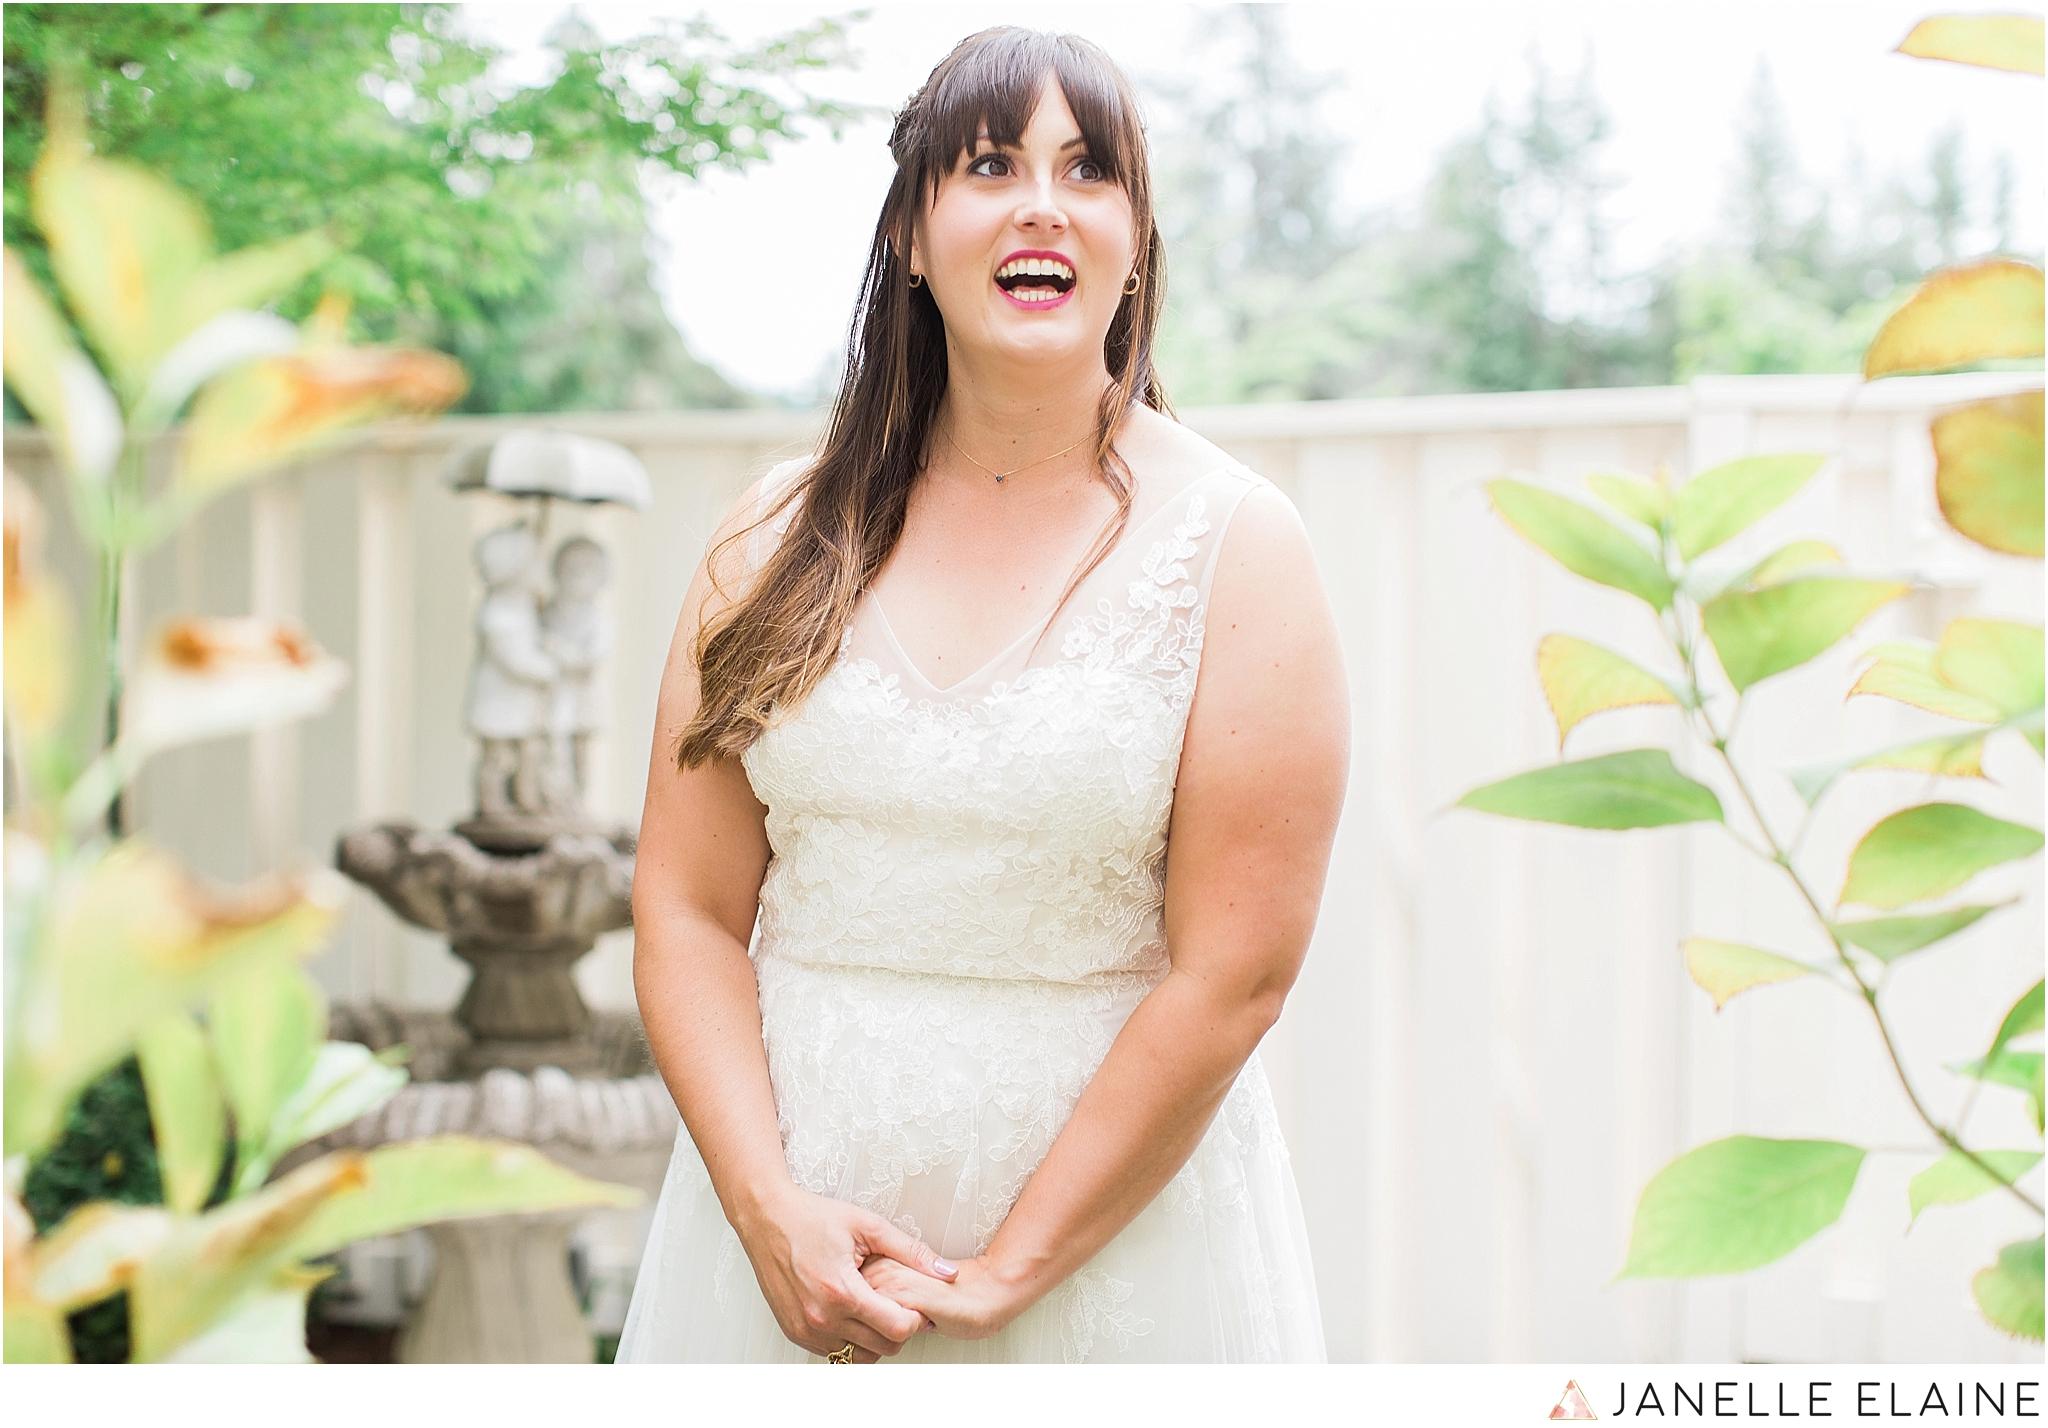 seattle-portrait-engagement-wedding-photographer-janelle-elaine-photography-10.jpg